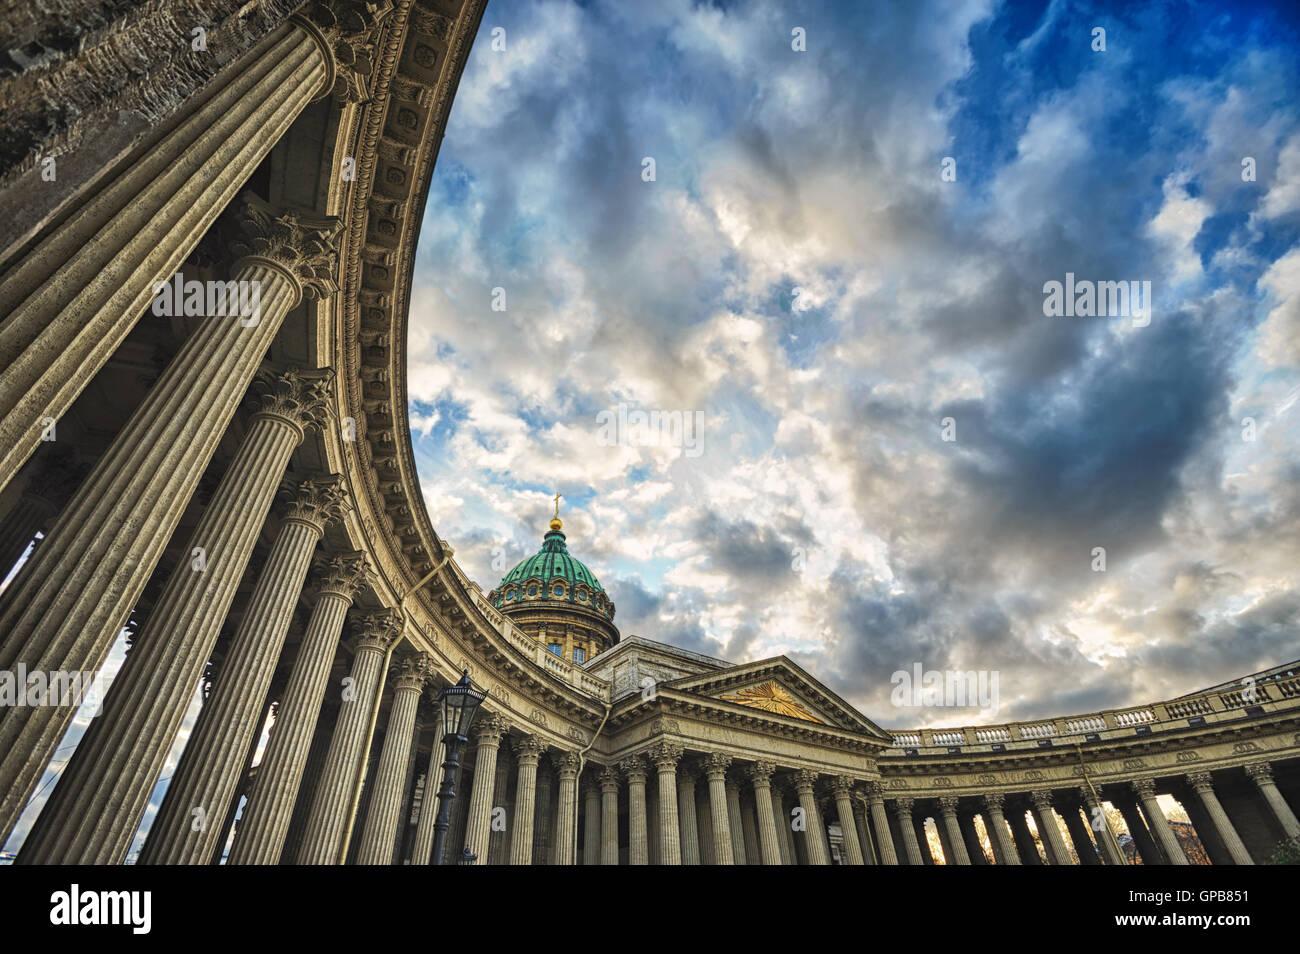 Galería de columnas de la Catedral de Kazan, en San Petersburgo, Rusia Imagen De Stock